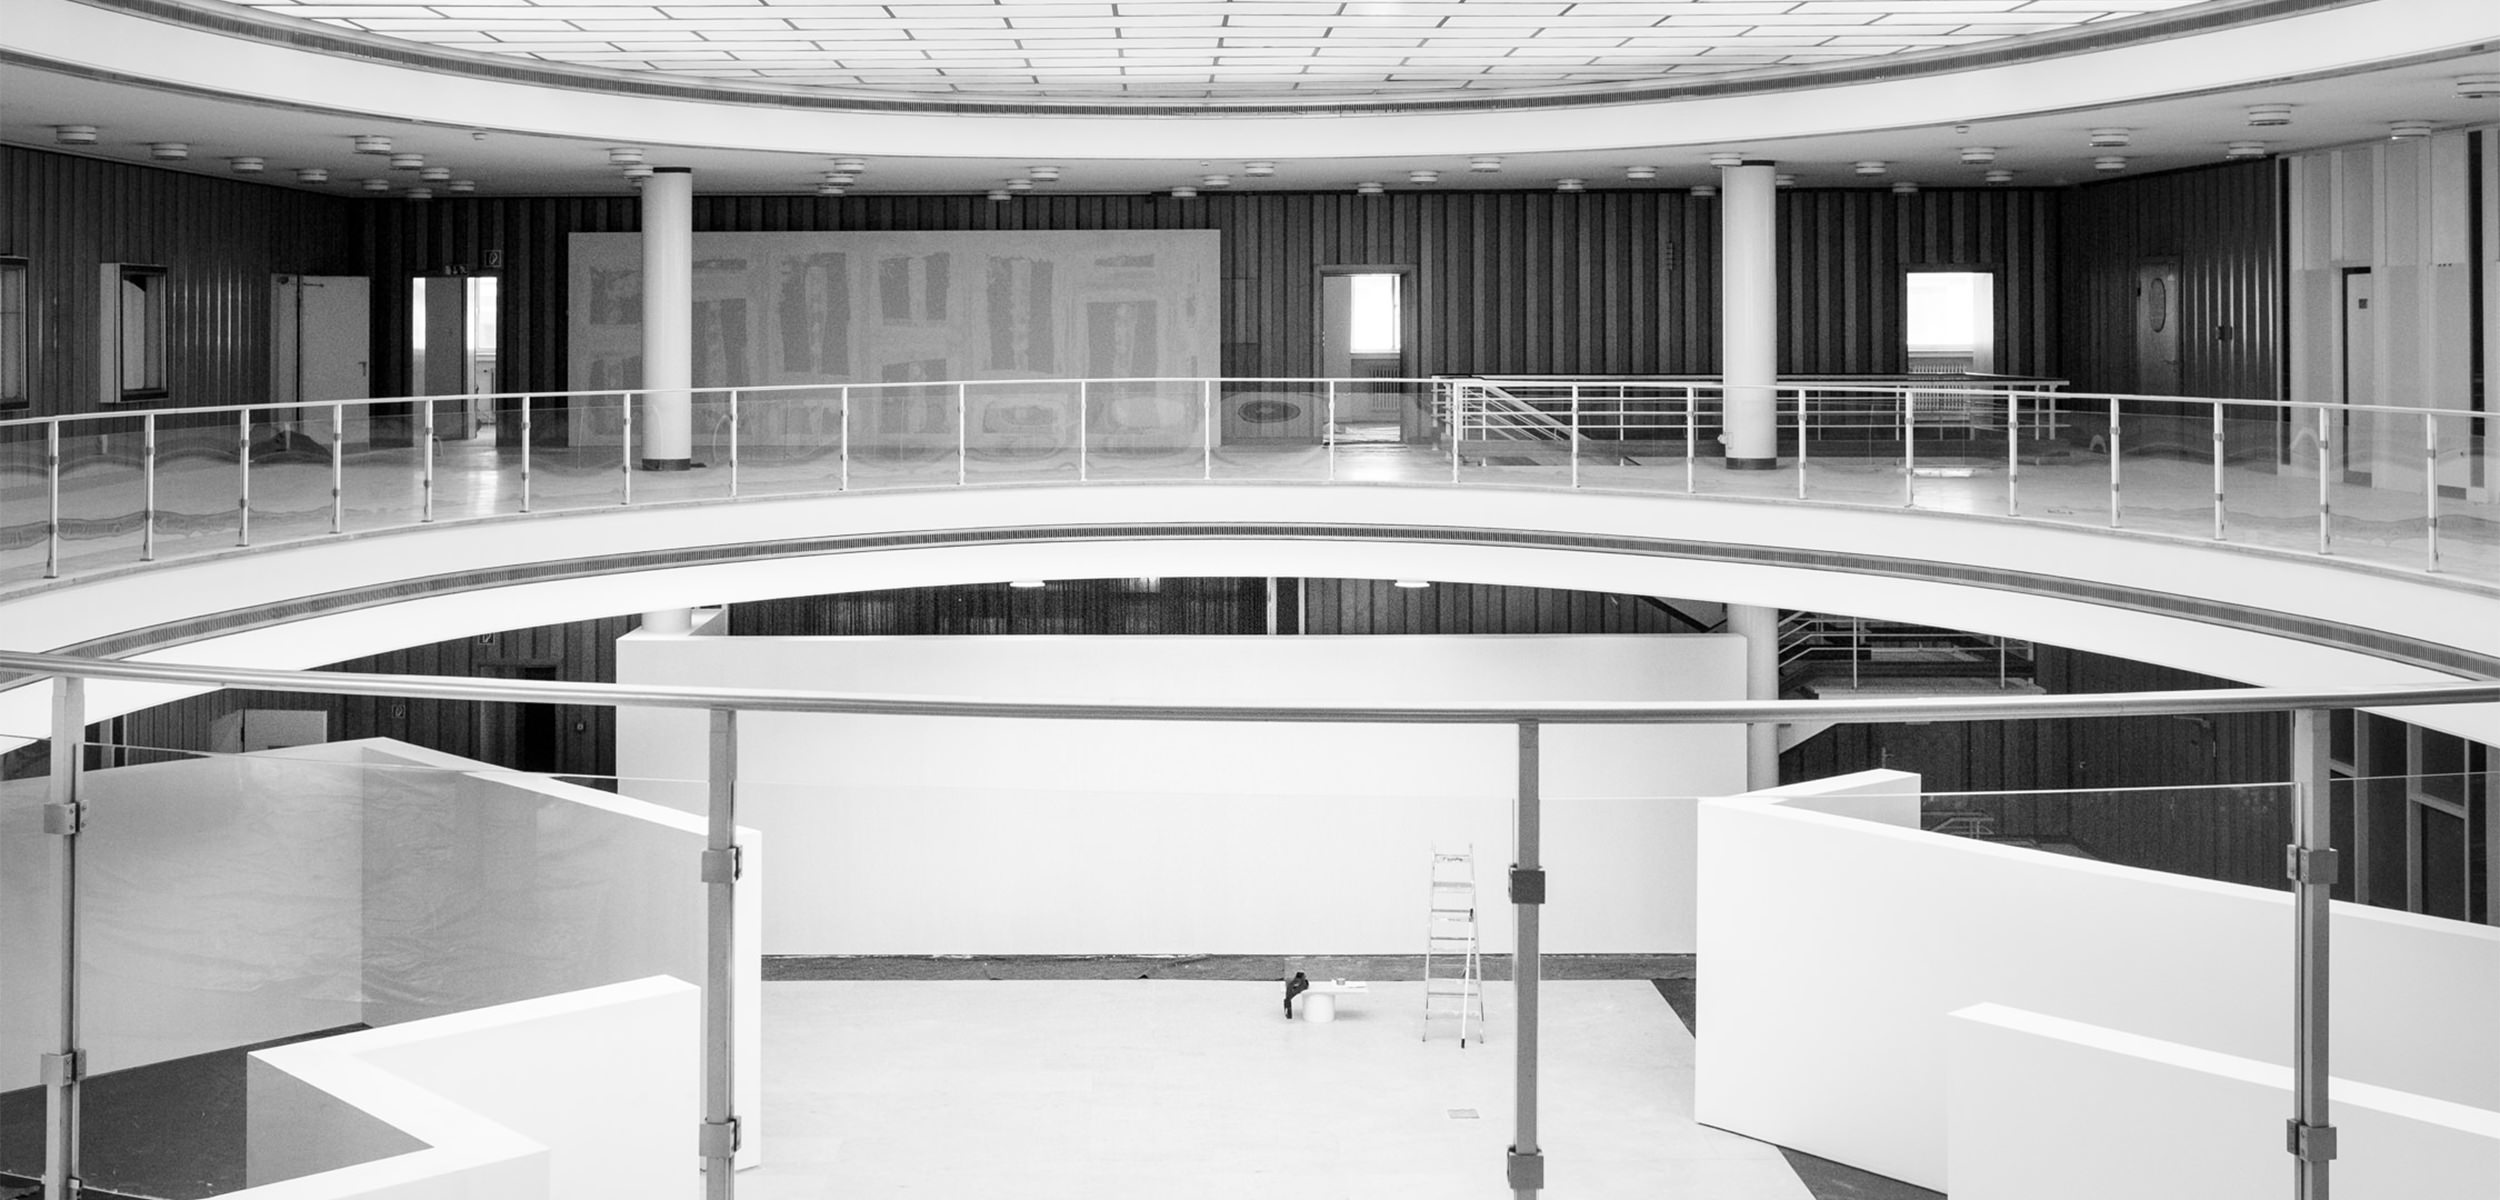 Die Bielefelder Schule Ausstellungsraum Alte Stadtbibliothek Jörn Strojny